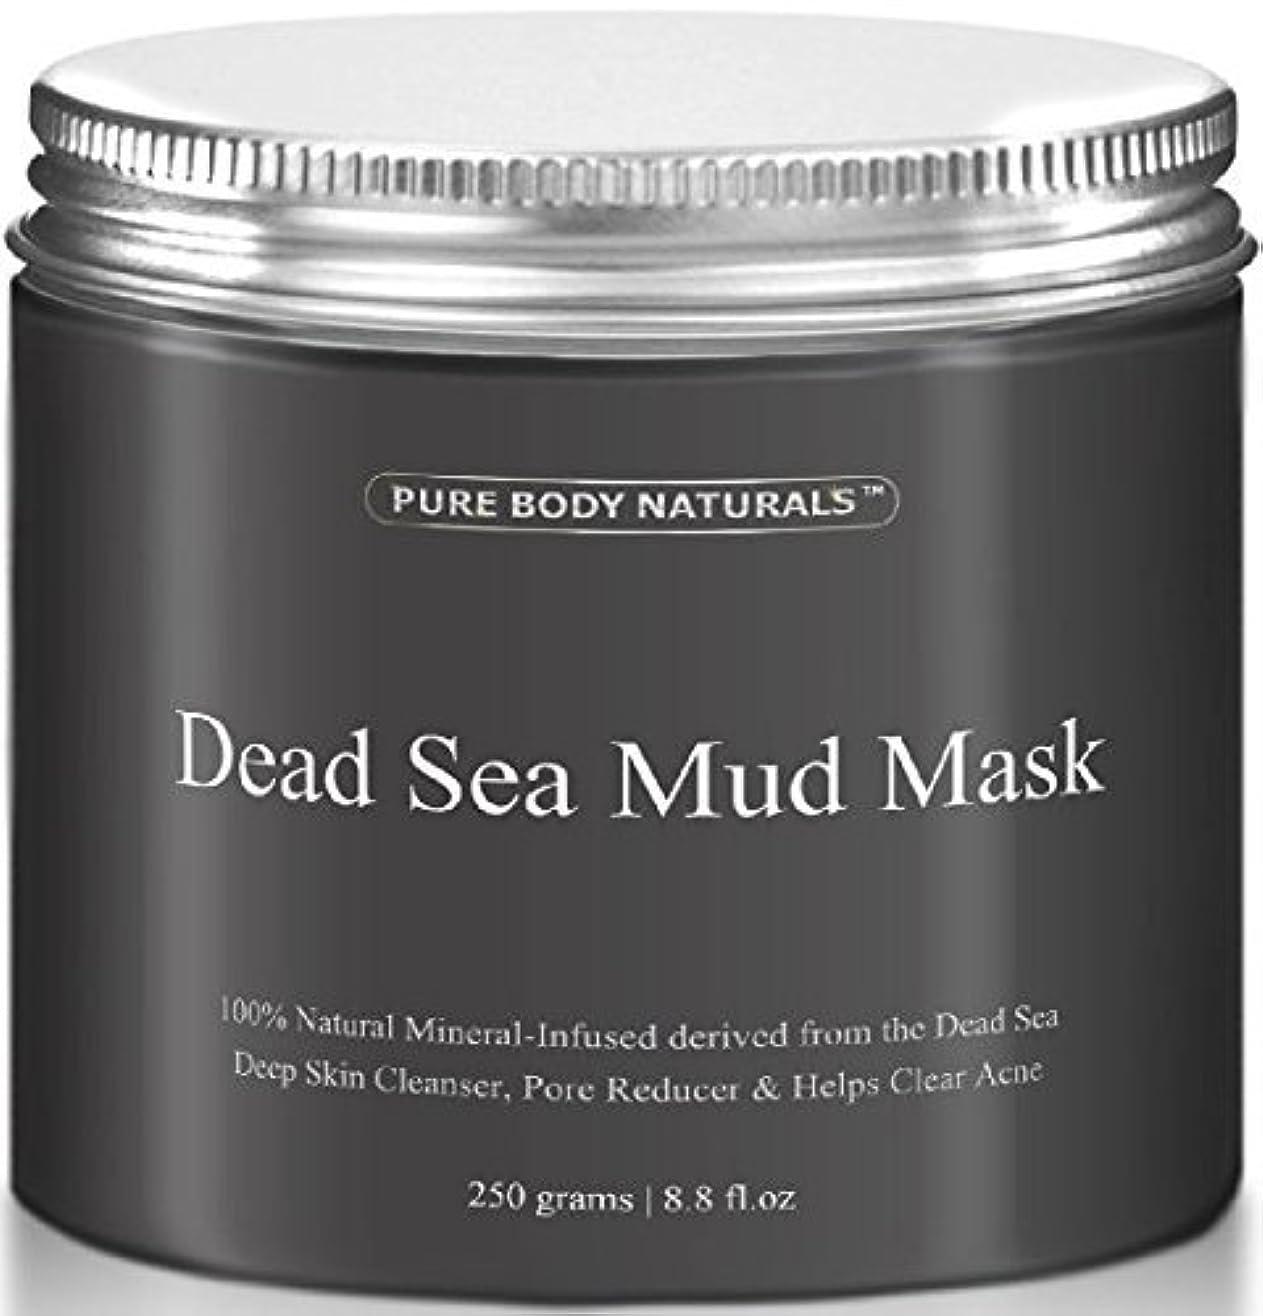 続ける火山学いたずらDead Sea Mud Mask 死海の泥マスク 250g [並行輸入品]